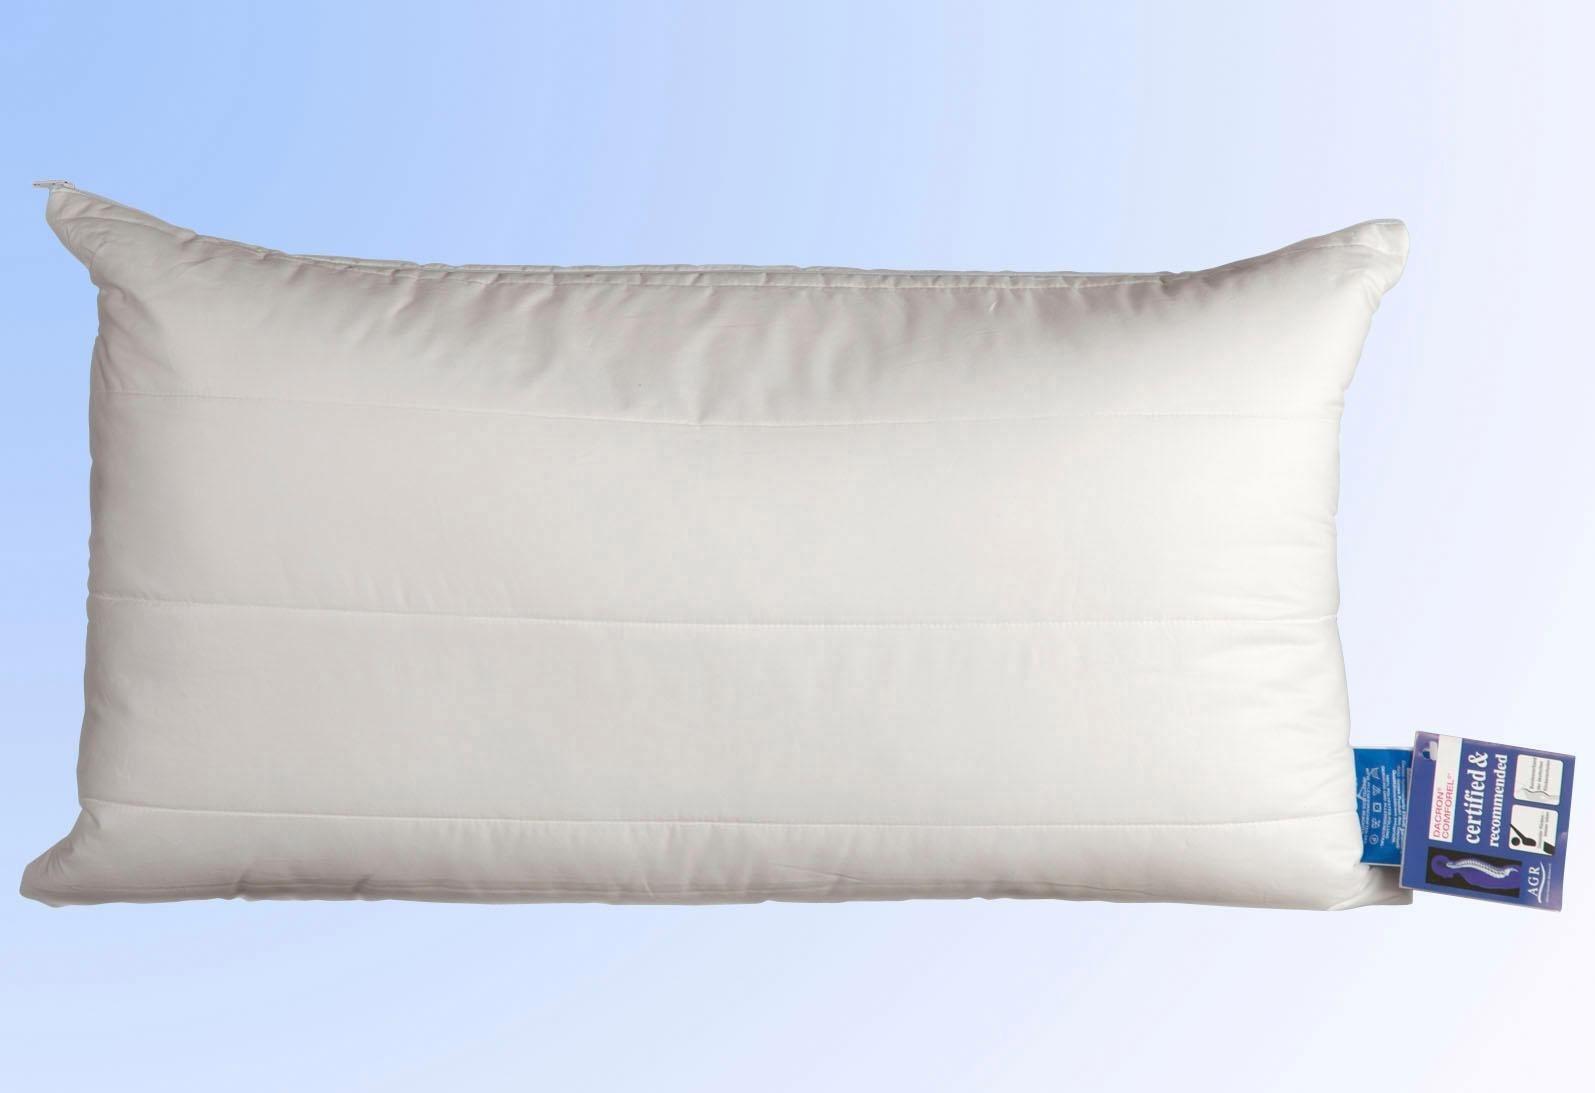 kopfkissen gegen nackenverspannungen schlafzimmer finke bettw sche lila grau exklusive. Black Bedroom Furniture Sets. Home Design Ideas